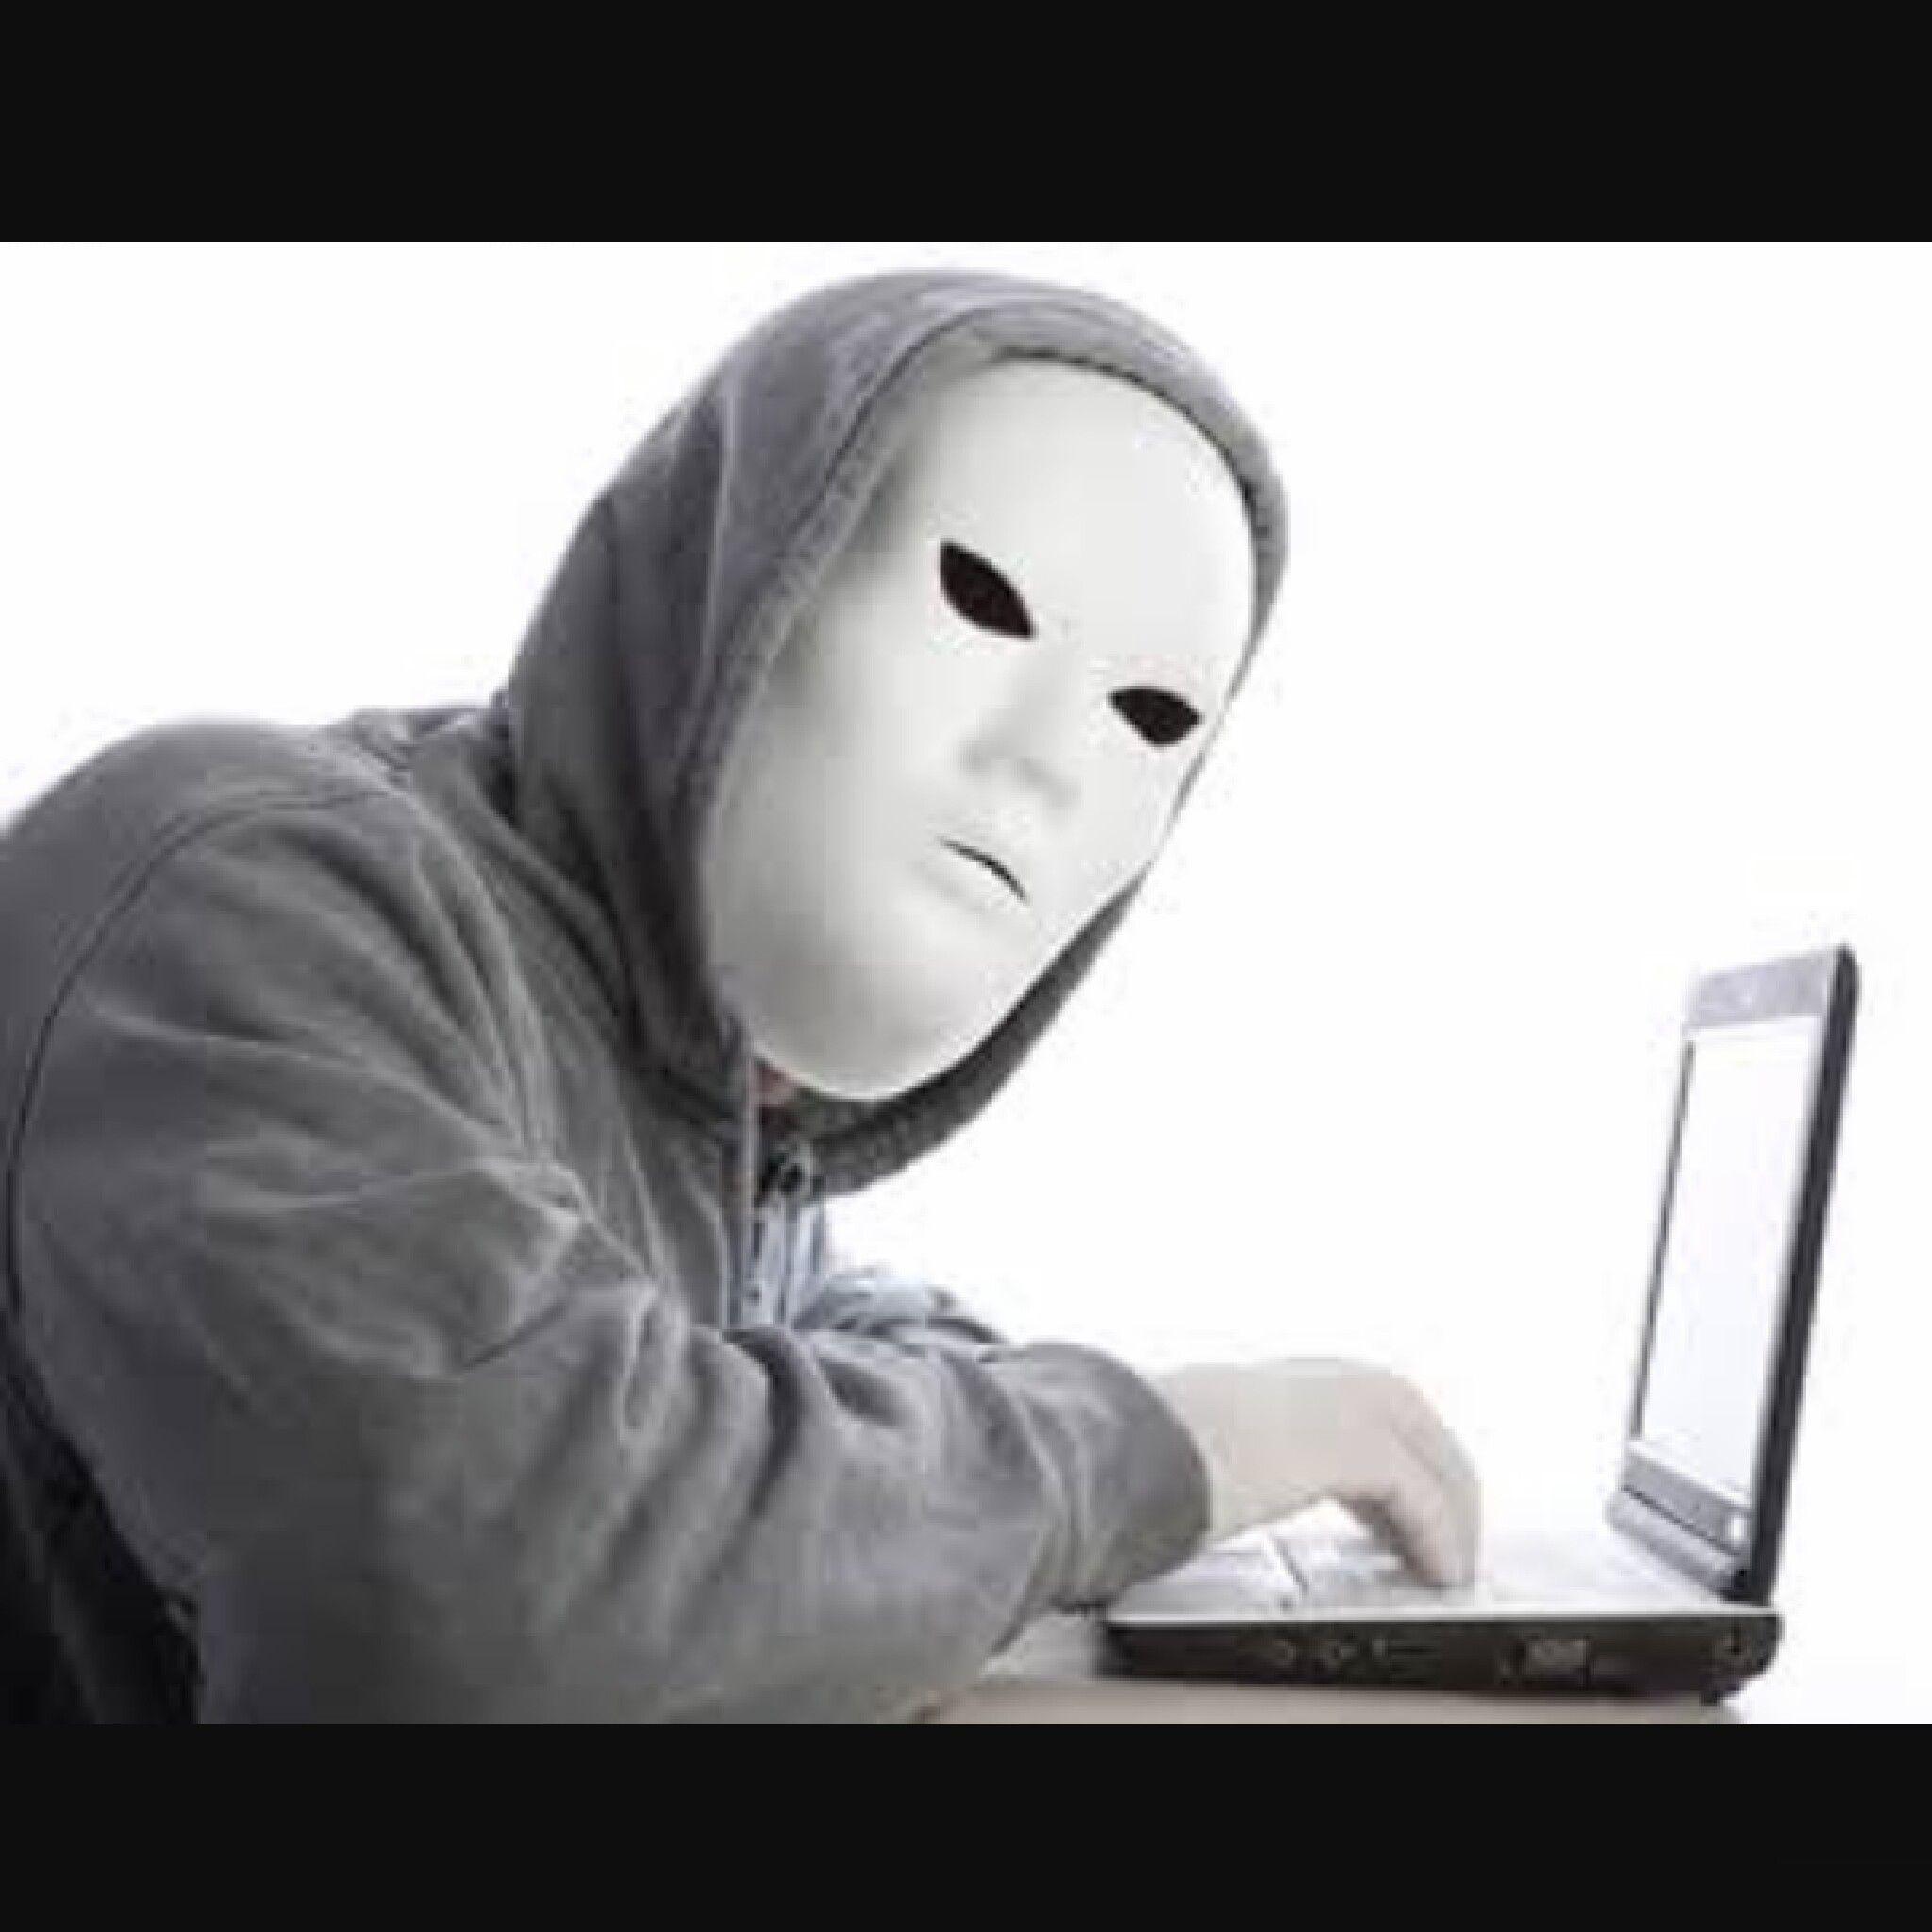 Beware of cyberstalking sociopath digital health